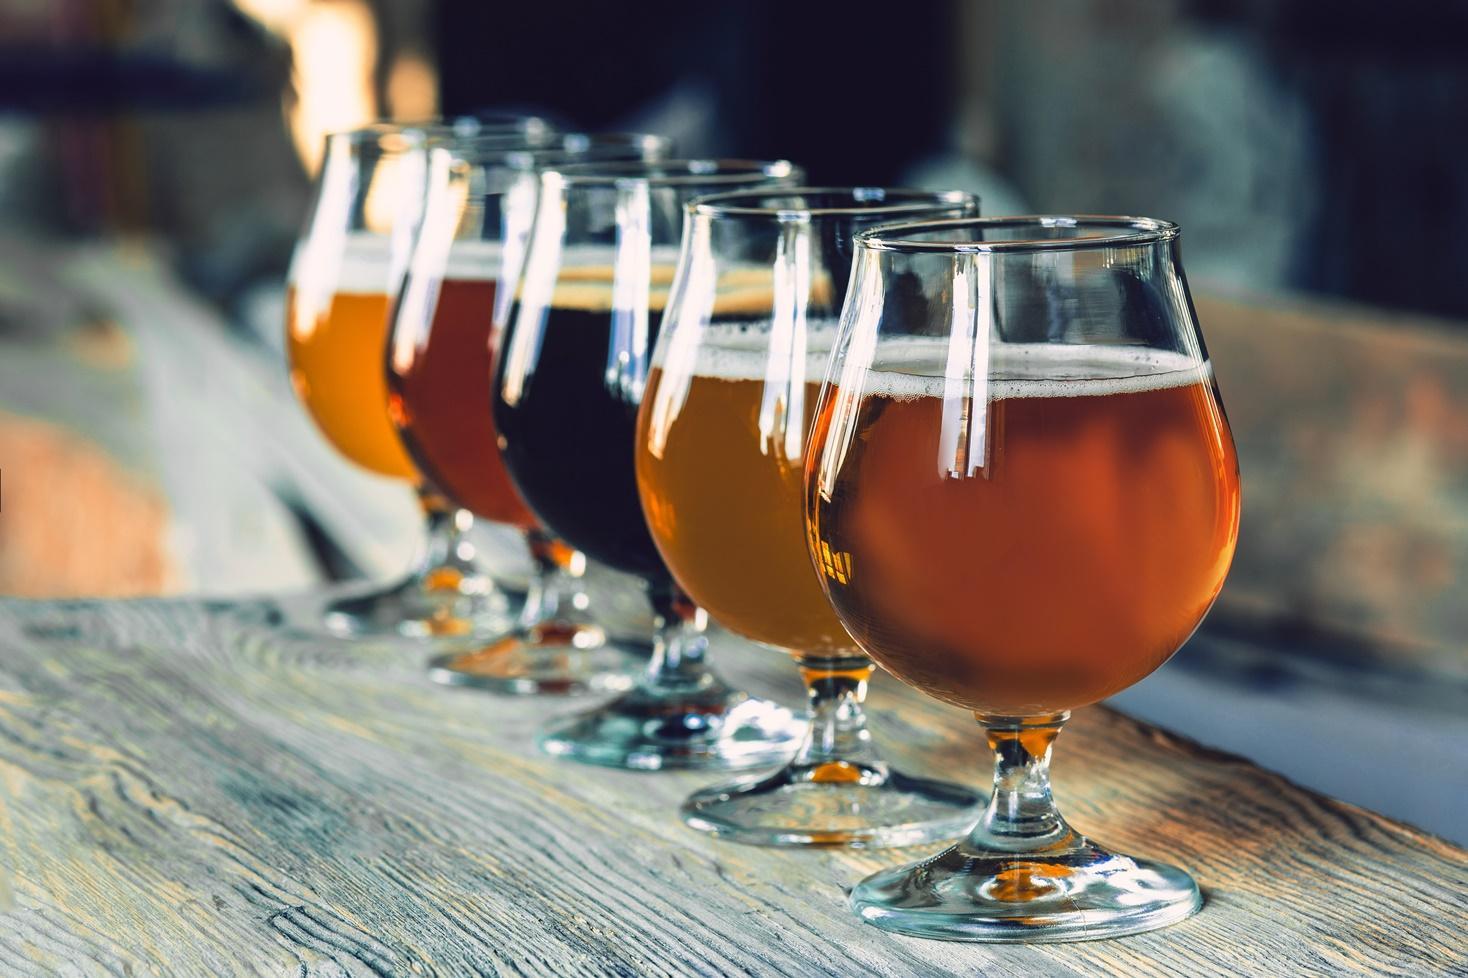 Despre berea artizanală și ce arome sofisticate poate conține, la Neatza cu Răzvan și Dani